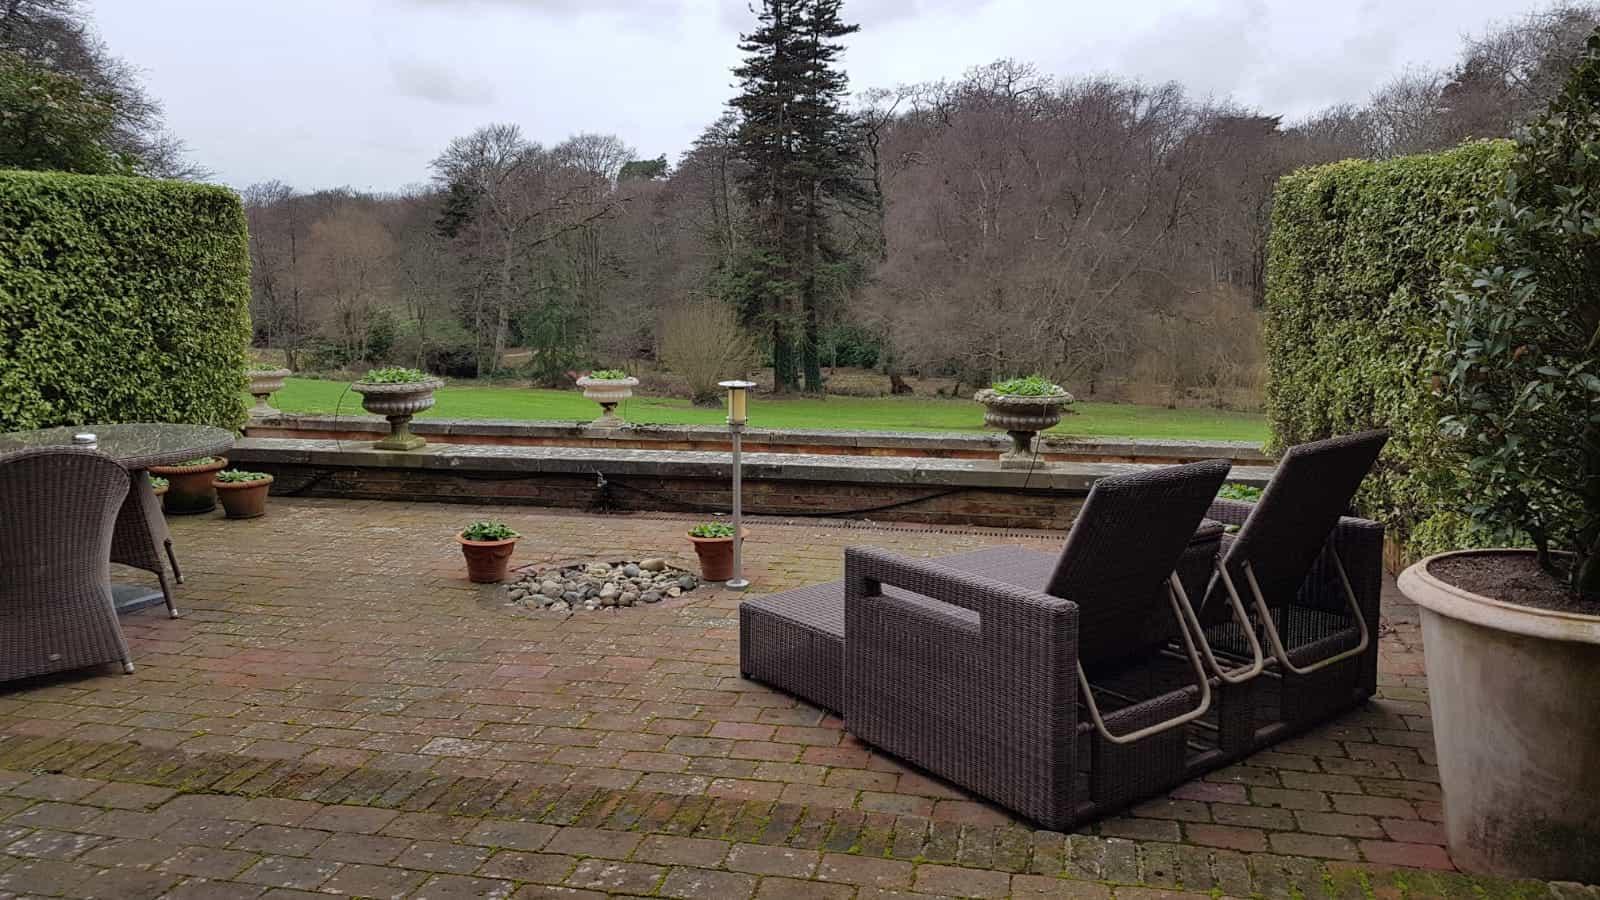 Review: Chewton Glen